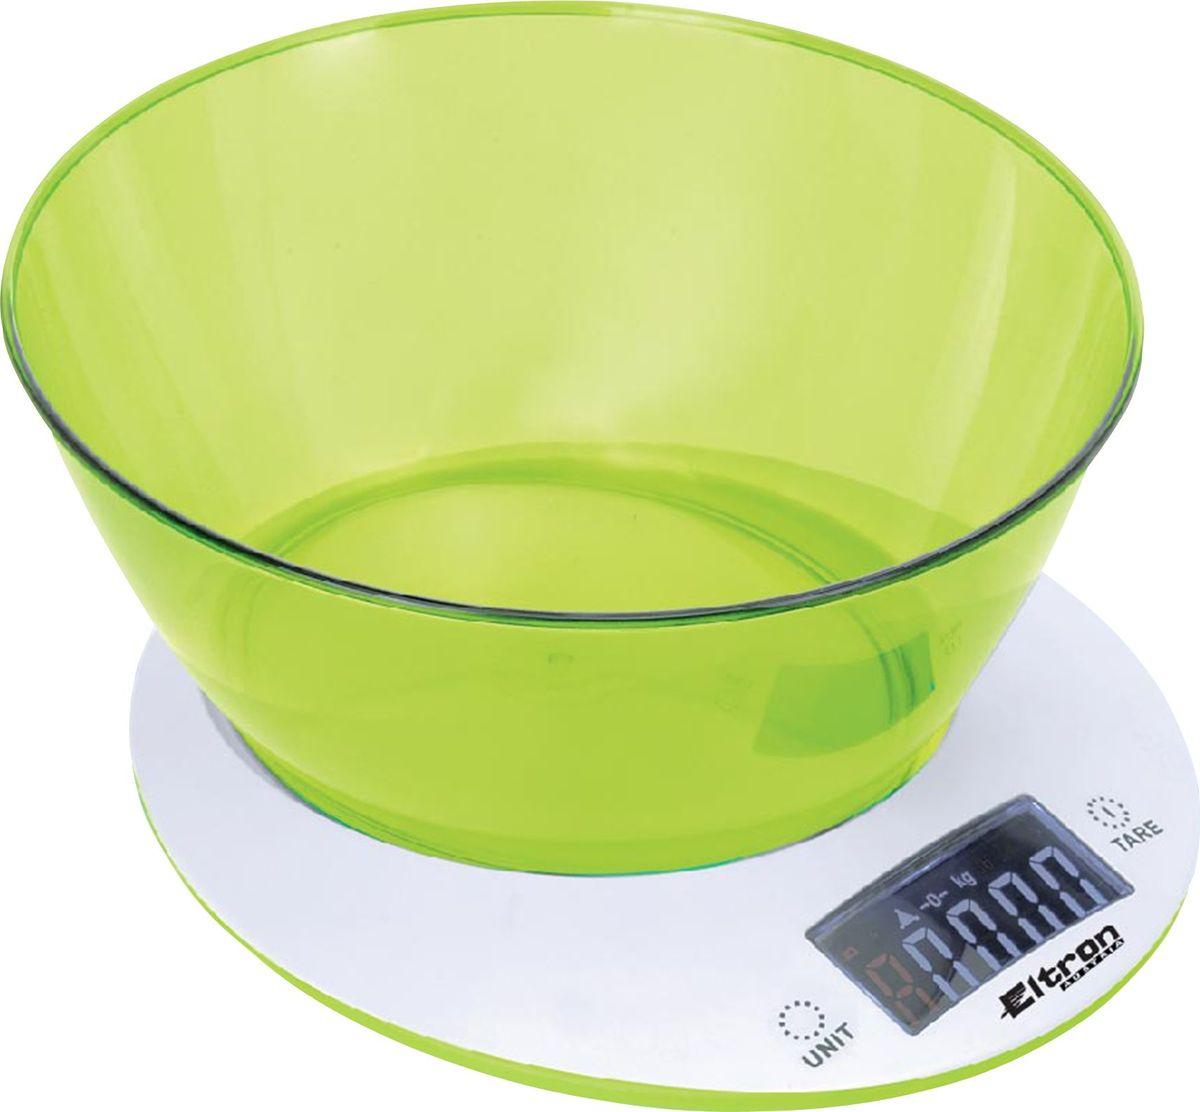 Весы кухонные Eltron, электронные, цвет: белый, до 5 кг. 9264EL9264ELЭлектронные кухонные весы. Современный дизайн. Двухкнопочный механизм. ЖК-дисплей. Съемная прозрачная чаша. Максимальный вес - 5 кг. Показывает вес в унциях, фунтах, гр, мл.2х1.5В ААА батареи входят в комплект.